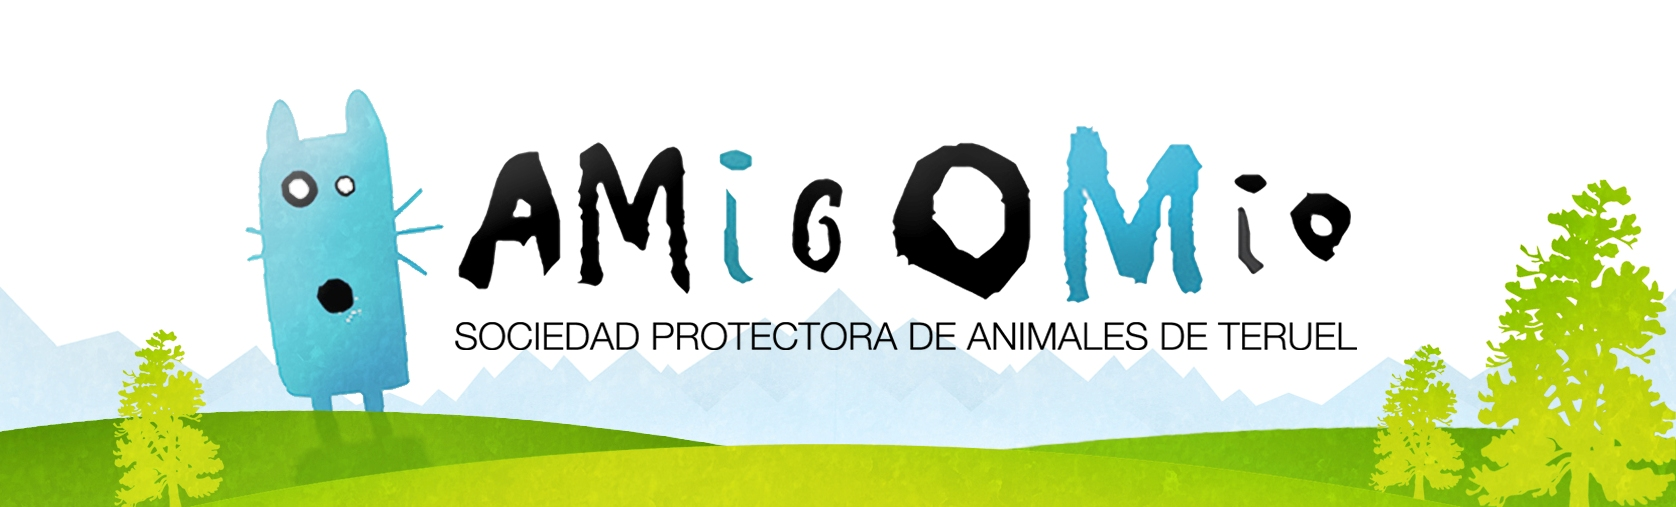 <h1>Amigo Mío <small>Sociedad Protectora de Animales de Teruel</small></h1>